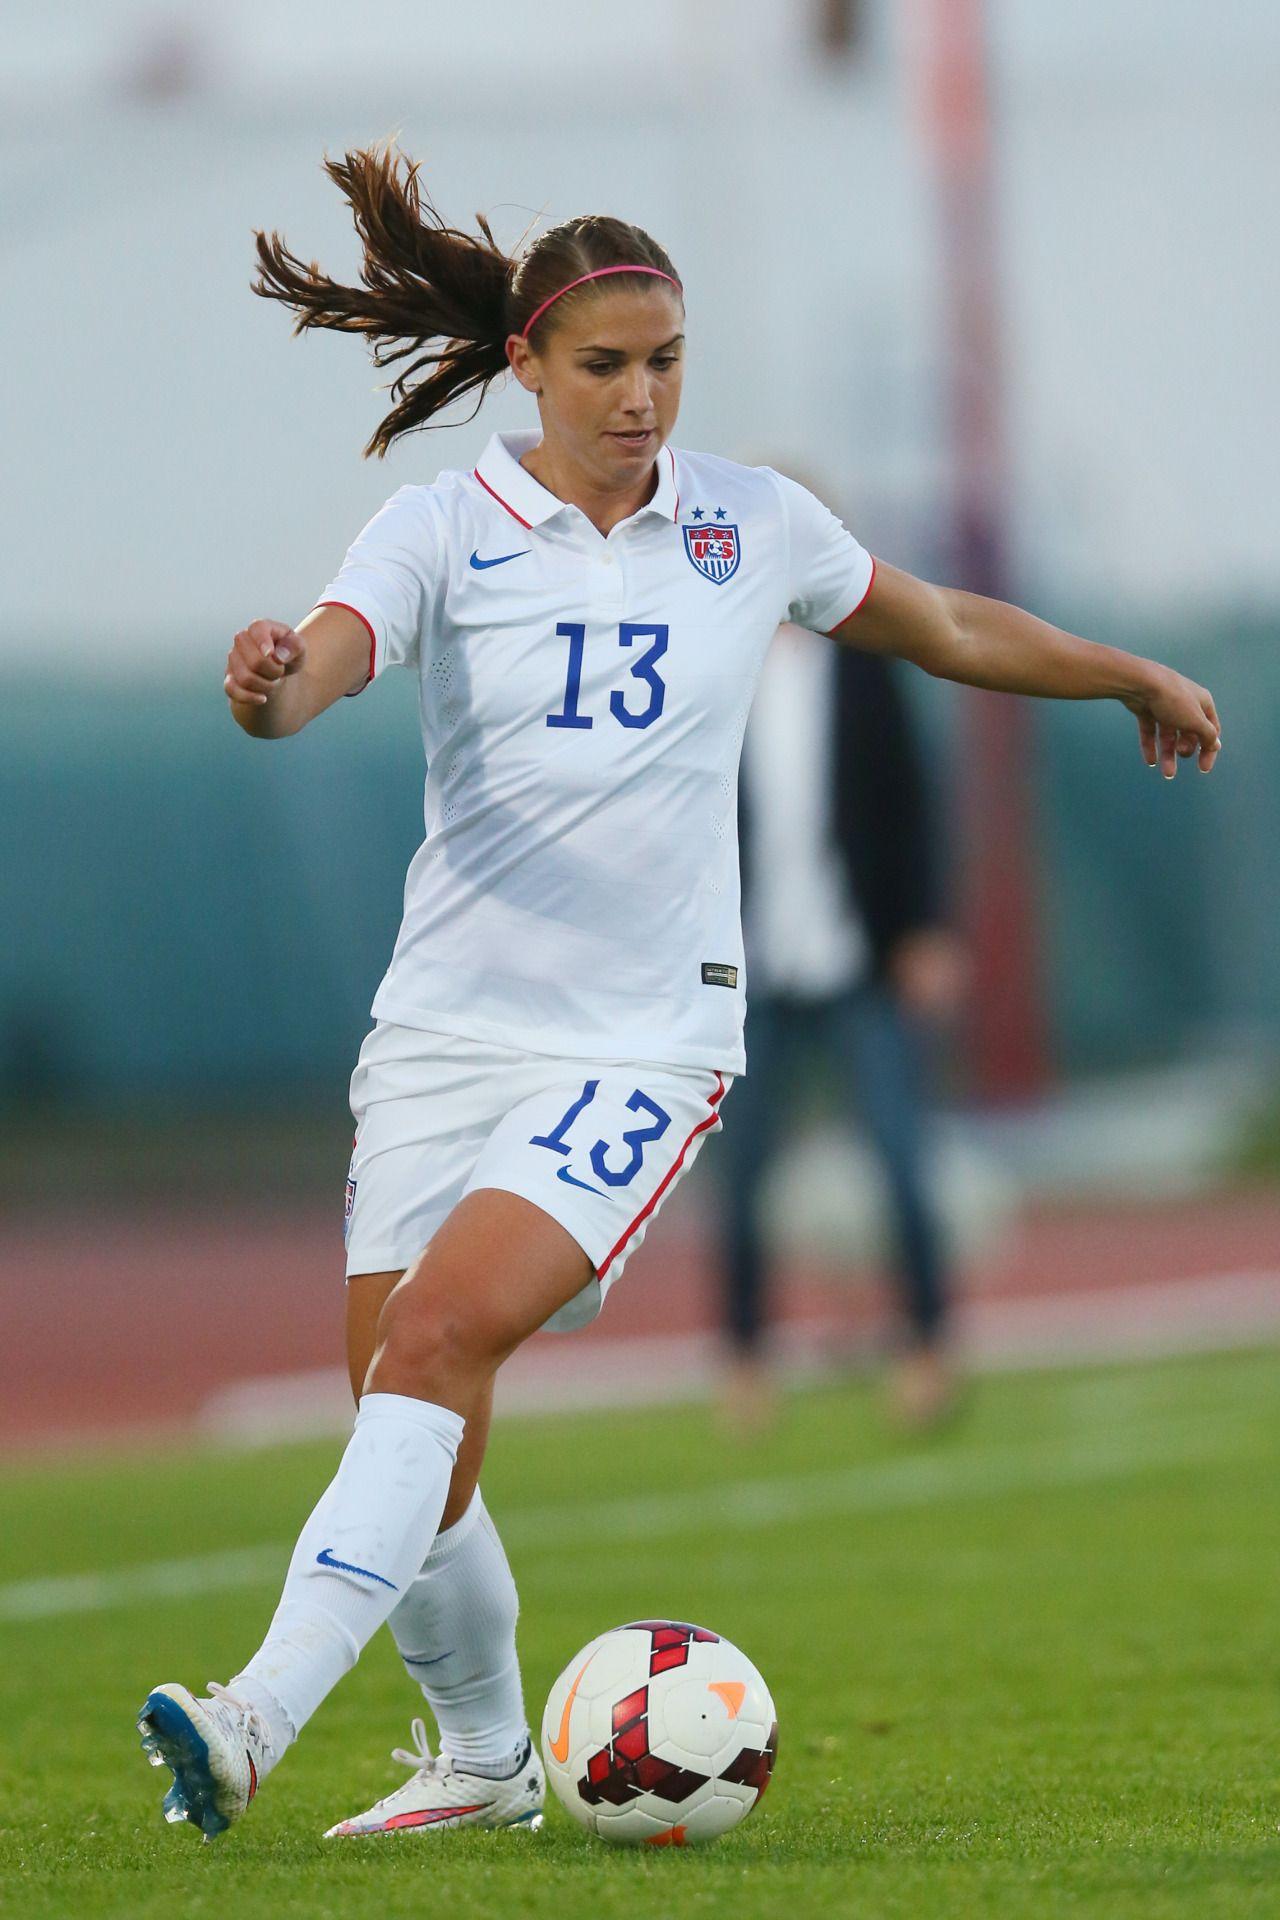 Alex Usa soccer women, Soccer motivation, Women's